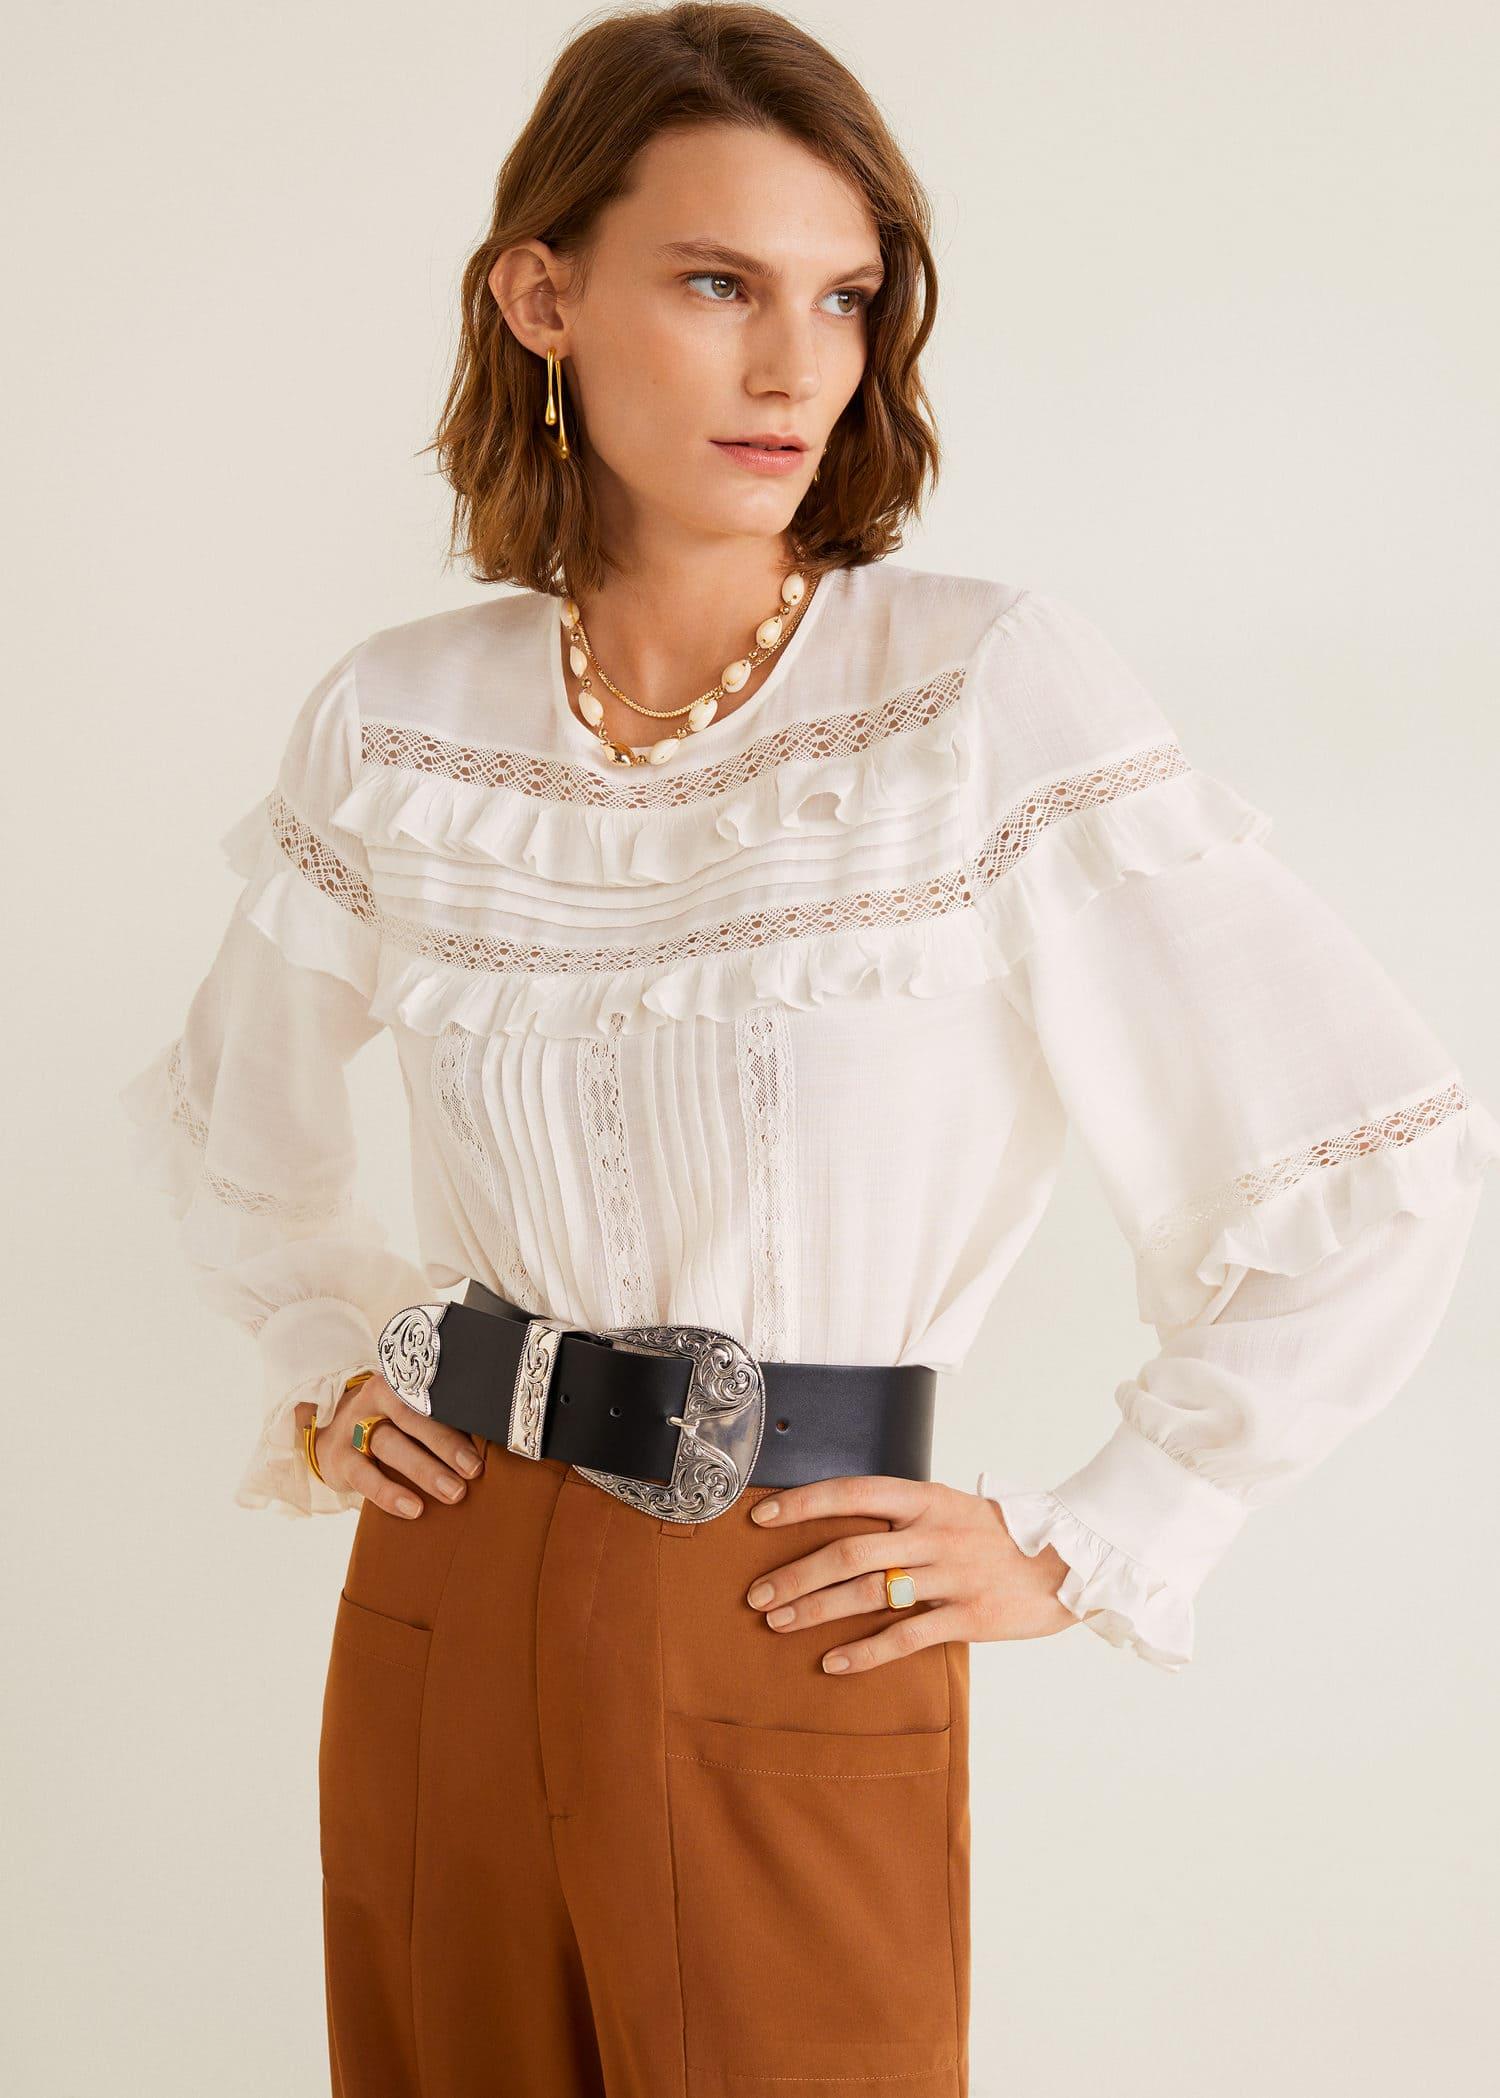 Mango Novos modelos de blusas e camisas